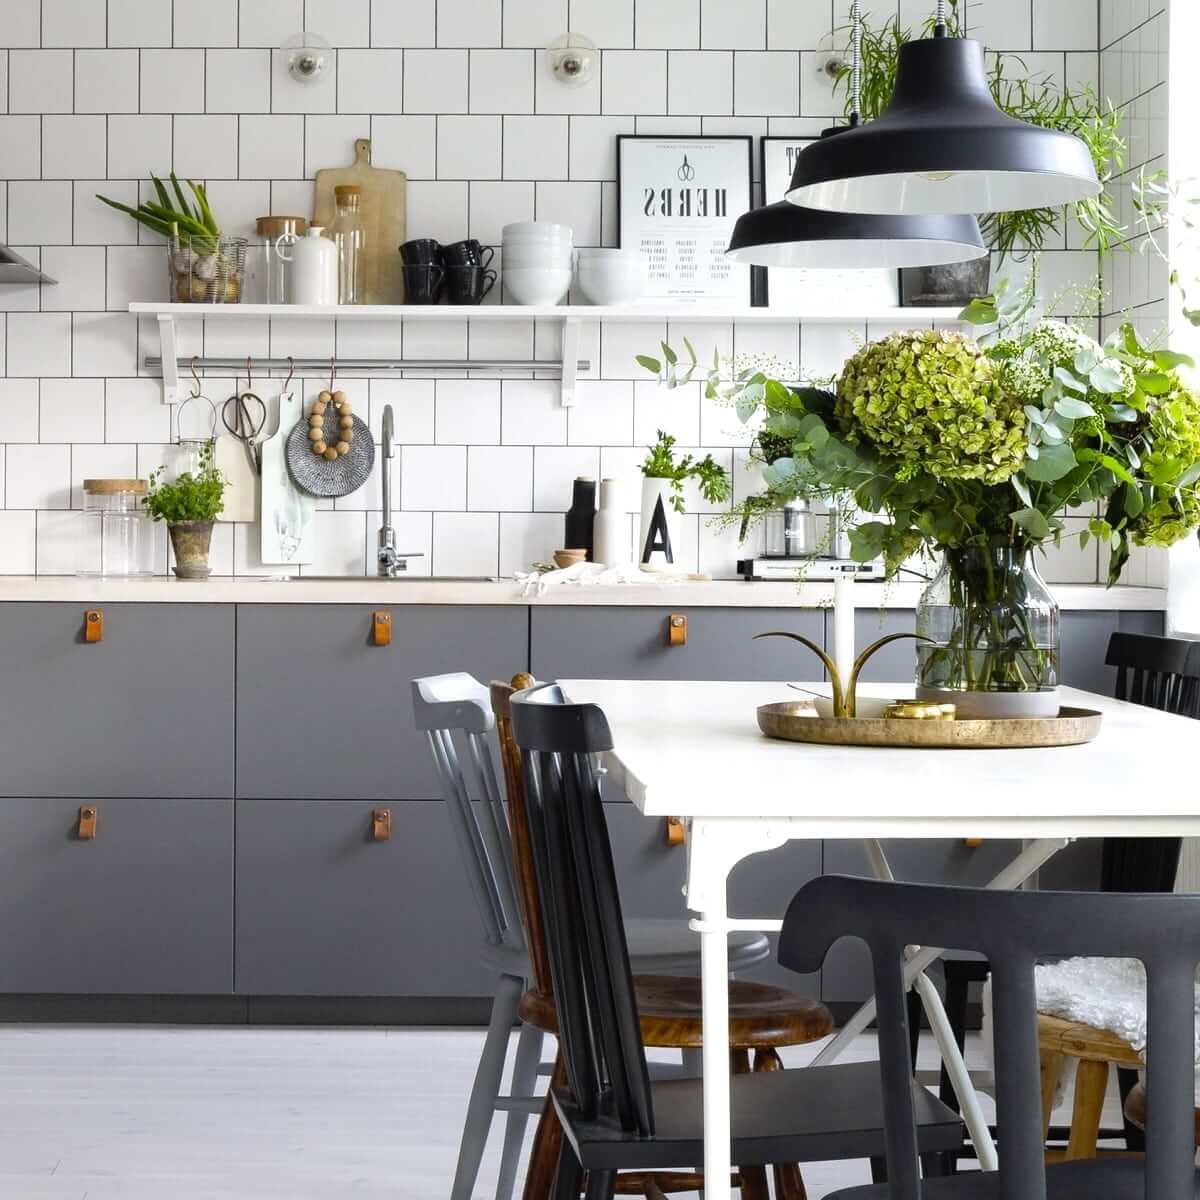 Модный, лаконичный и непринуждённый дизайн кухни украшенный красивыми растениями